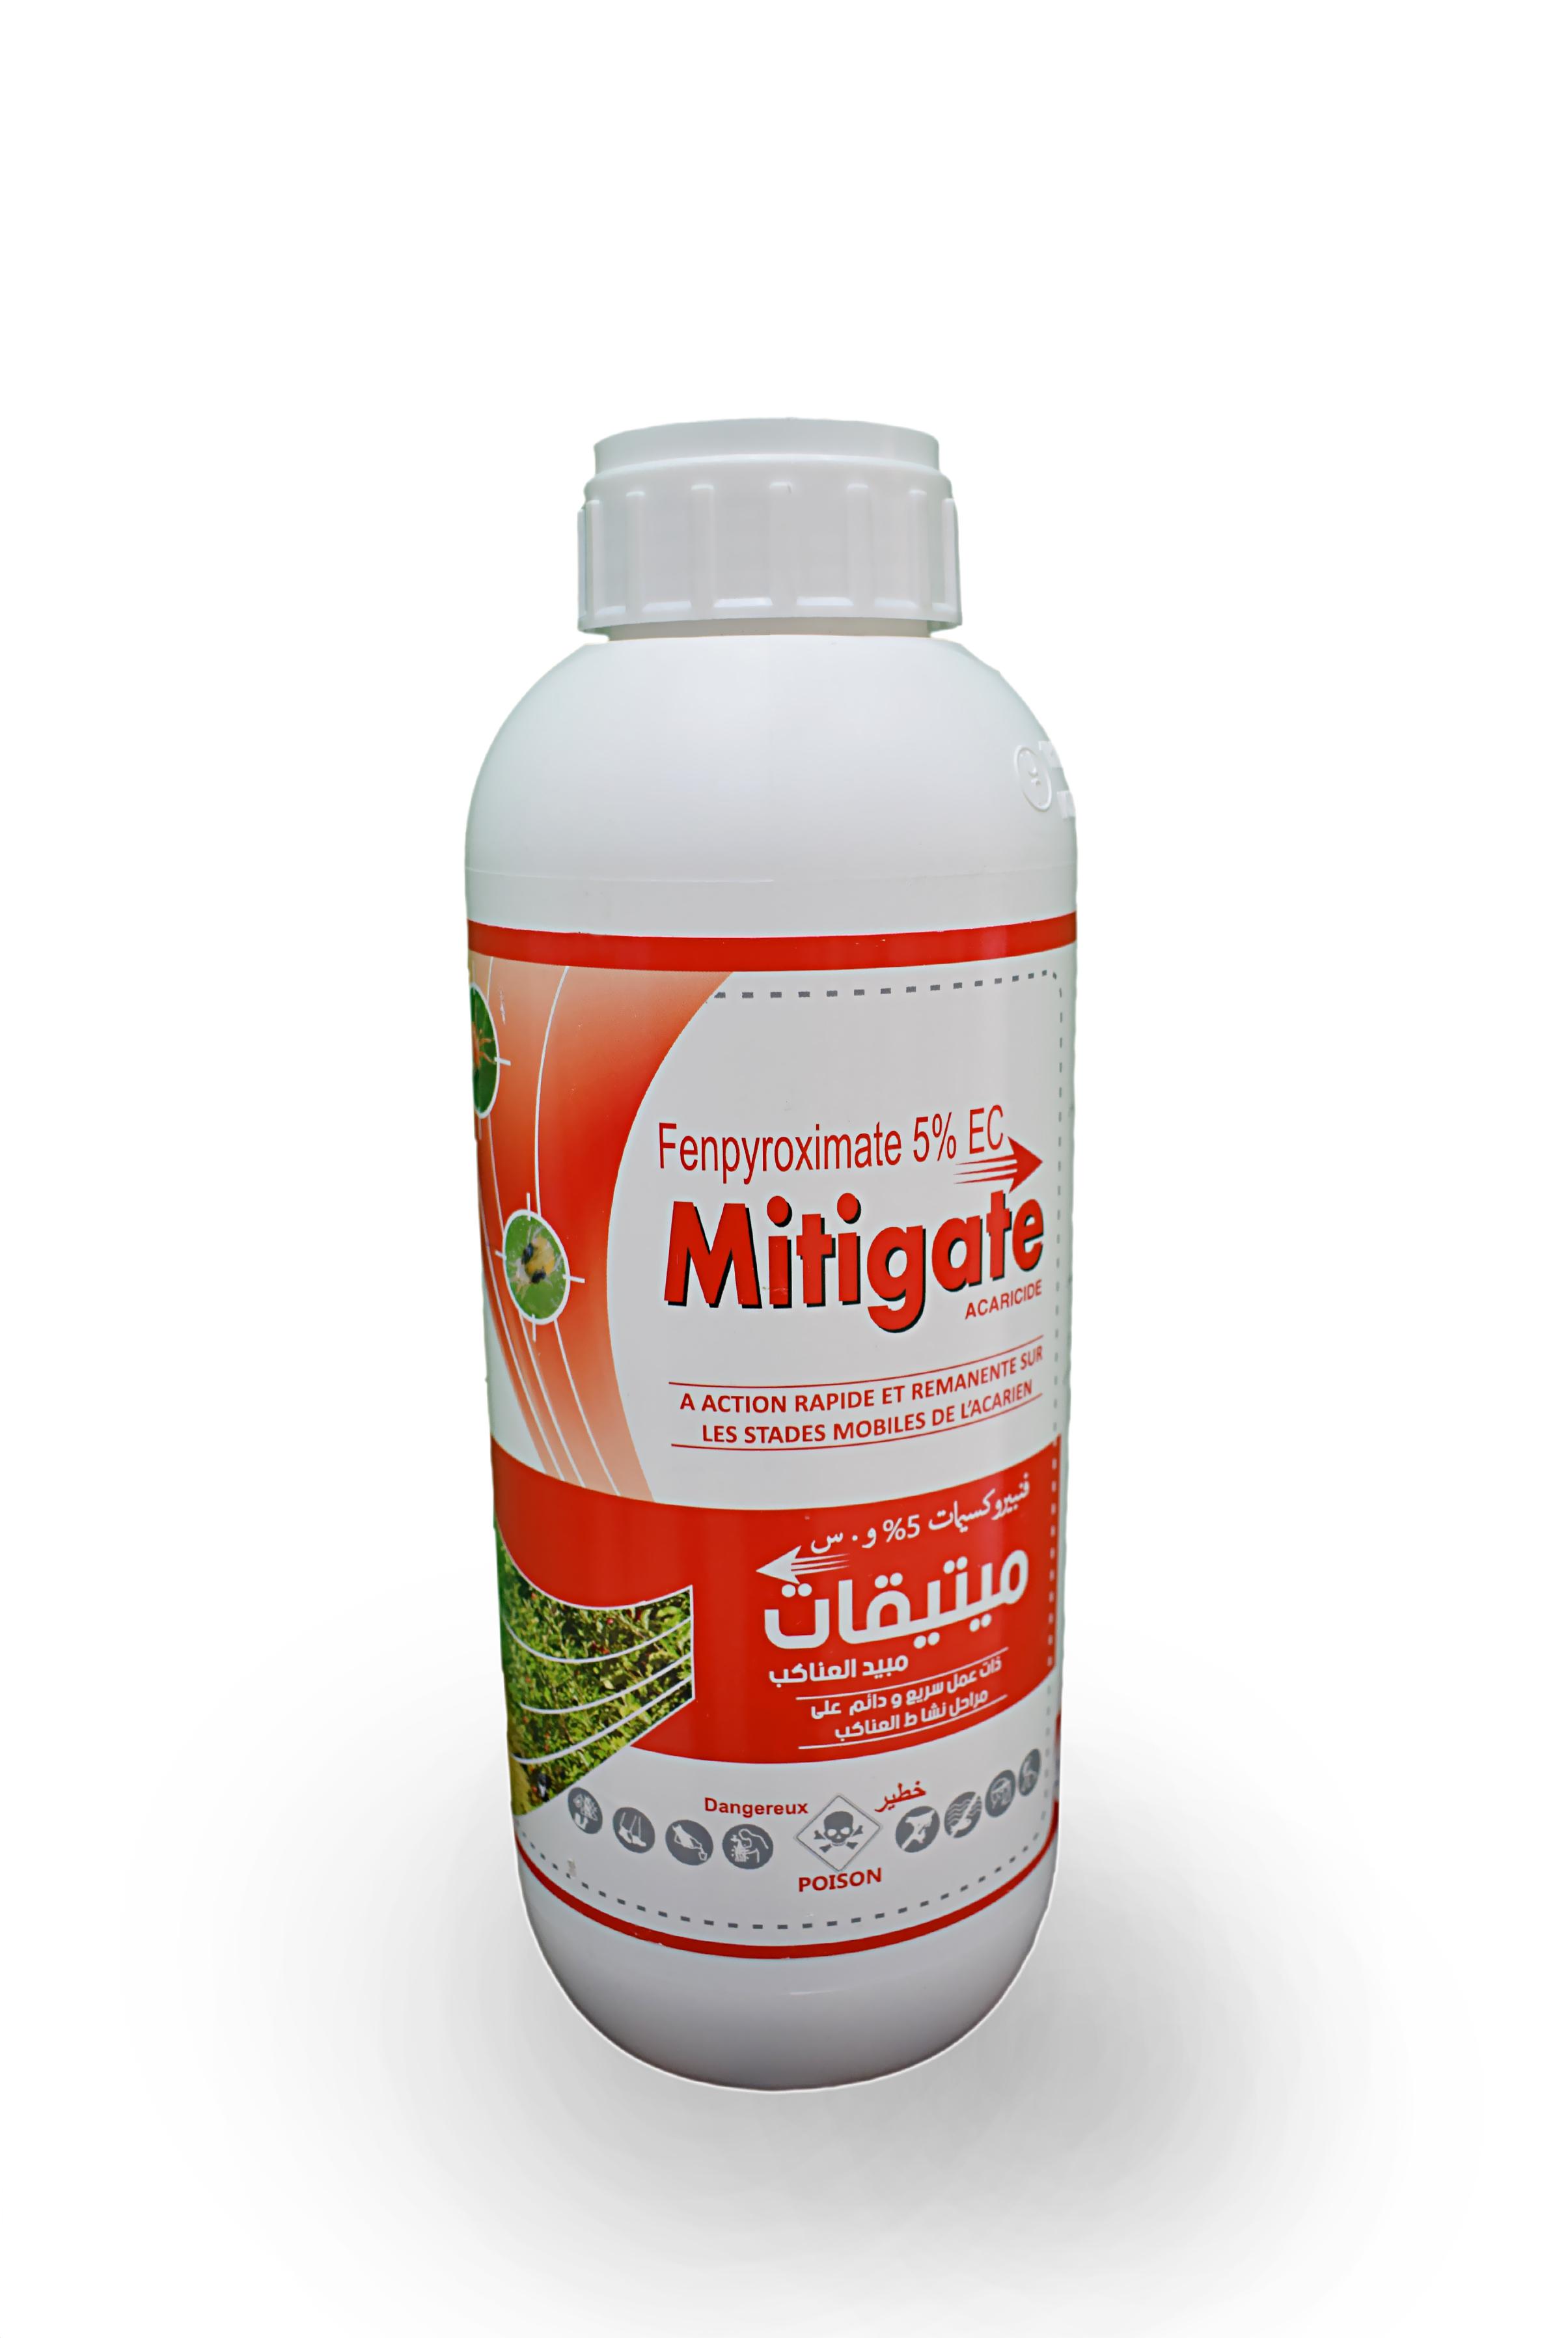 Mitigate 5EC